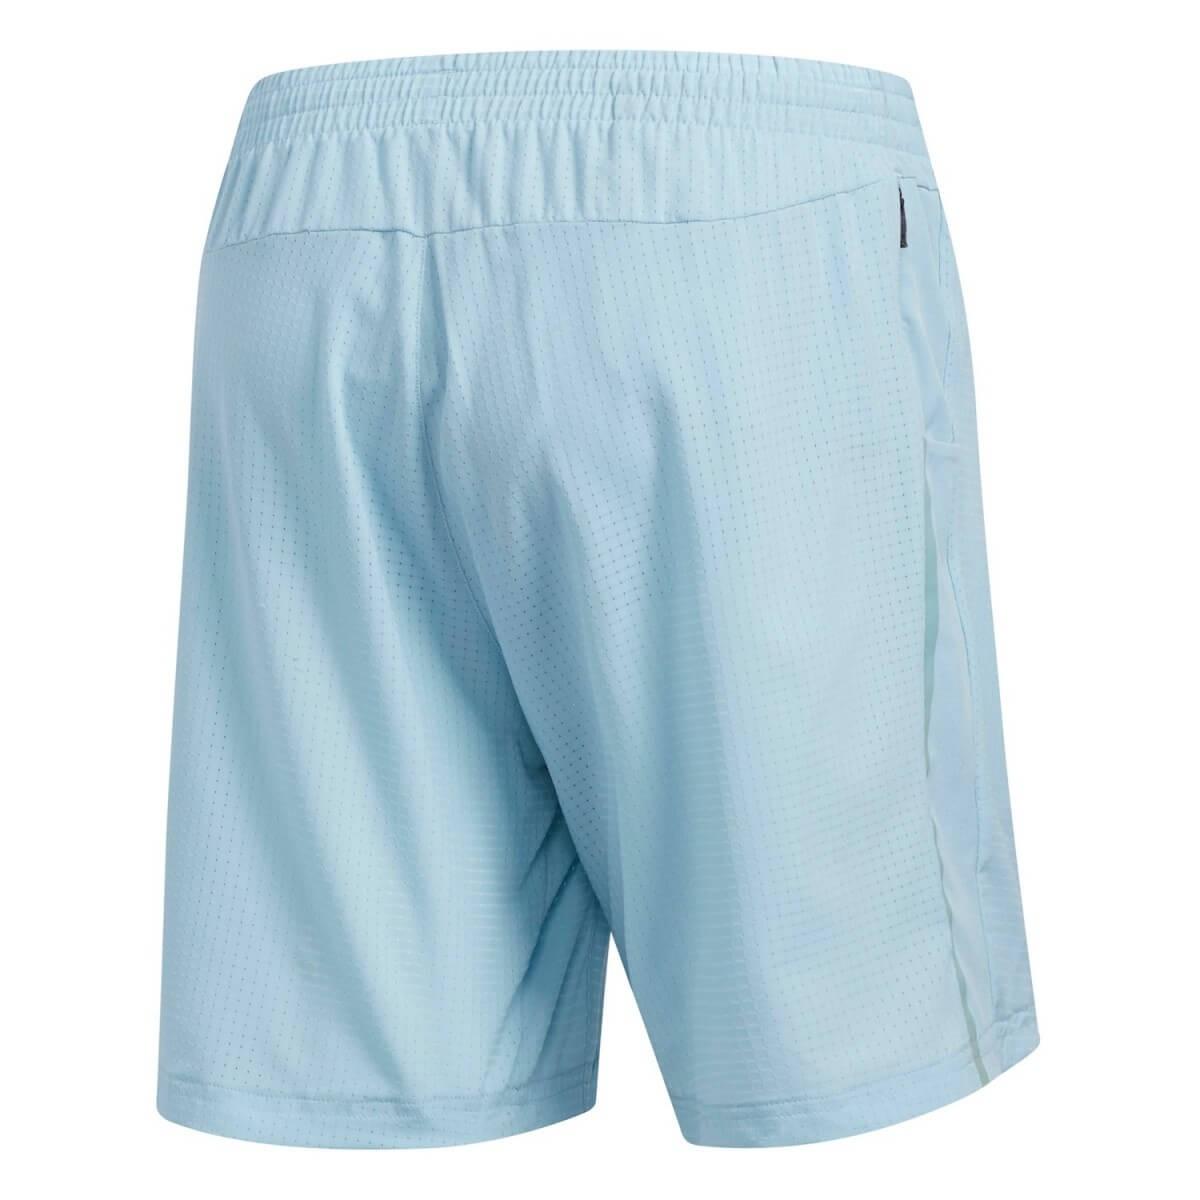 ... Pantalón corto Adidas Supernova Short 5